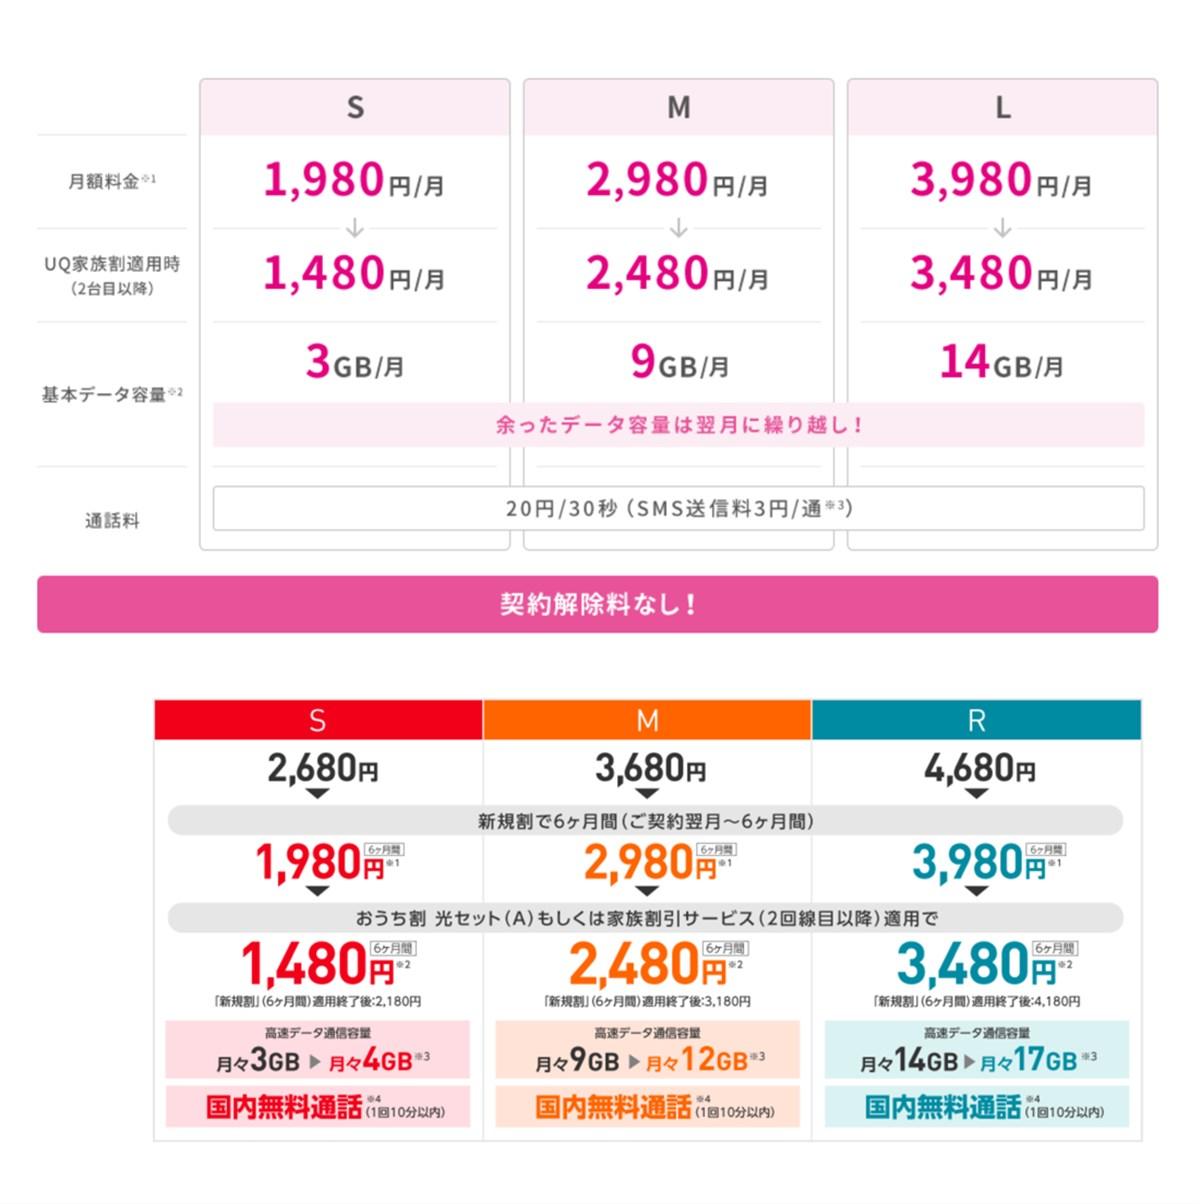 UQモバイルとワイモバイルの新料金プラン比較